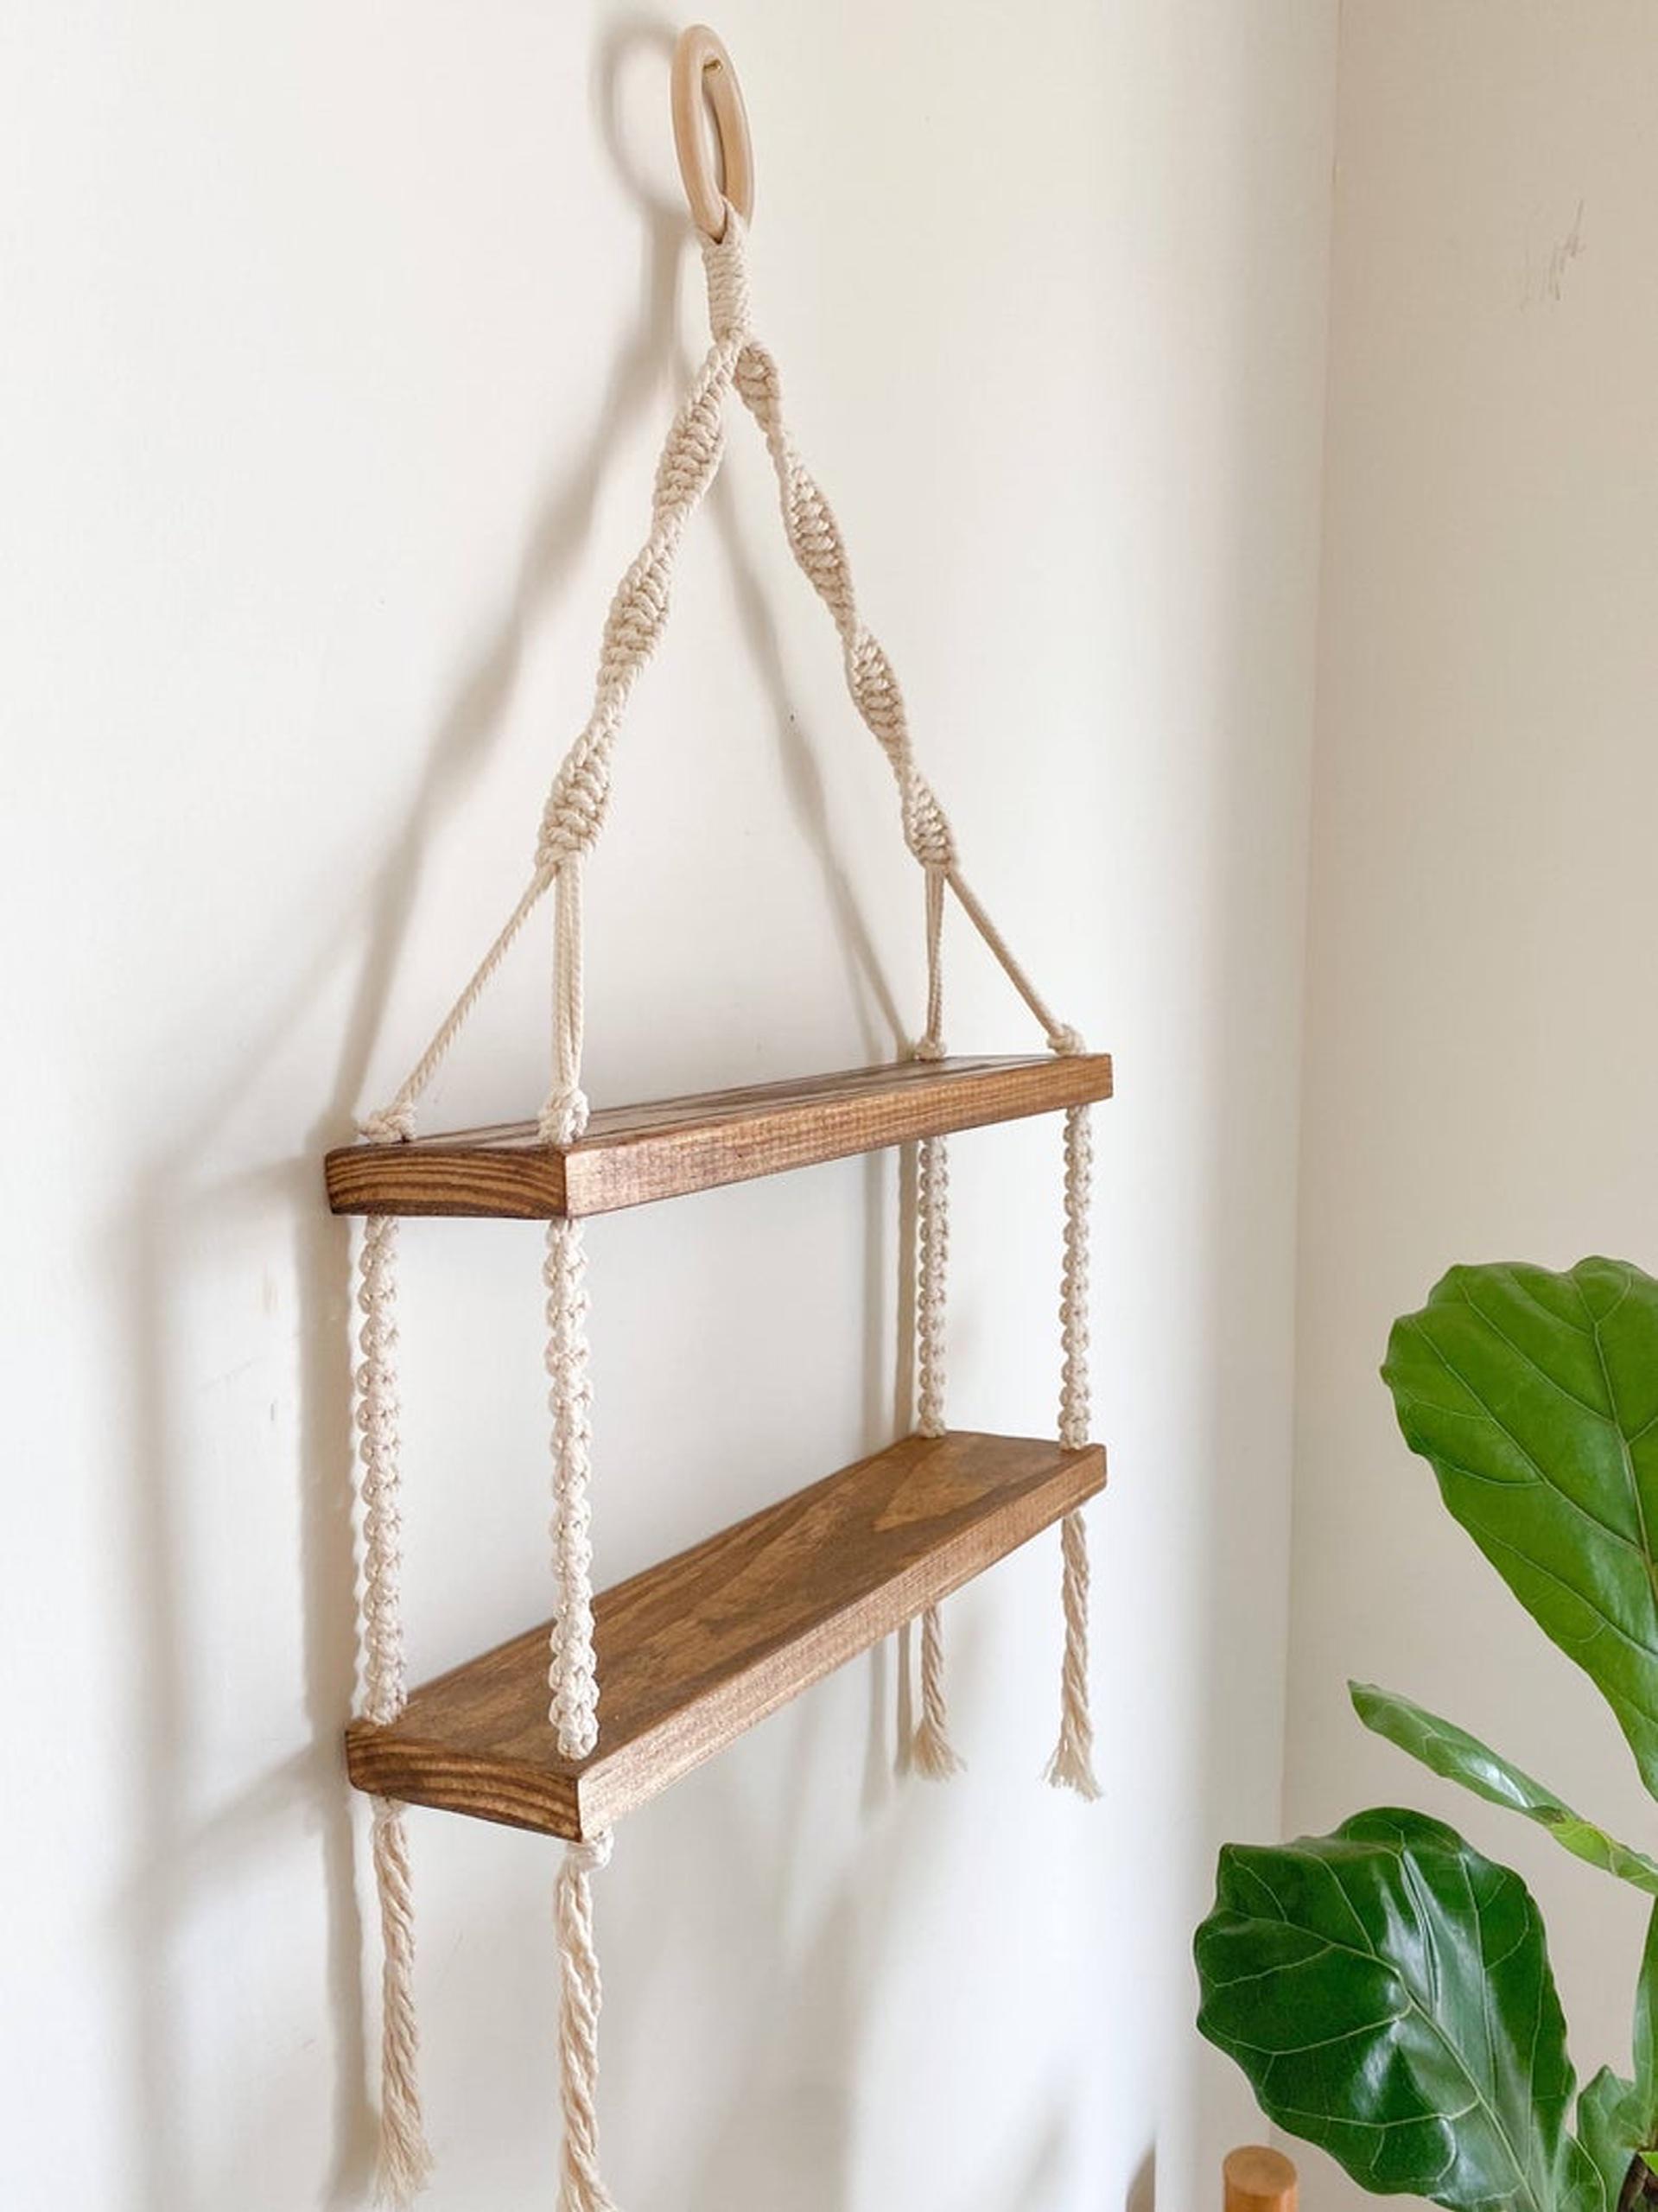 Kệ gỗ trang trí treo tường 2 tầng, kệ tết dây Macramé kết hợp vòng gỗ, KT 40x15cm. 2T18321